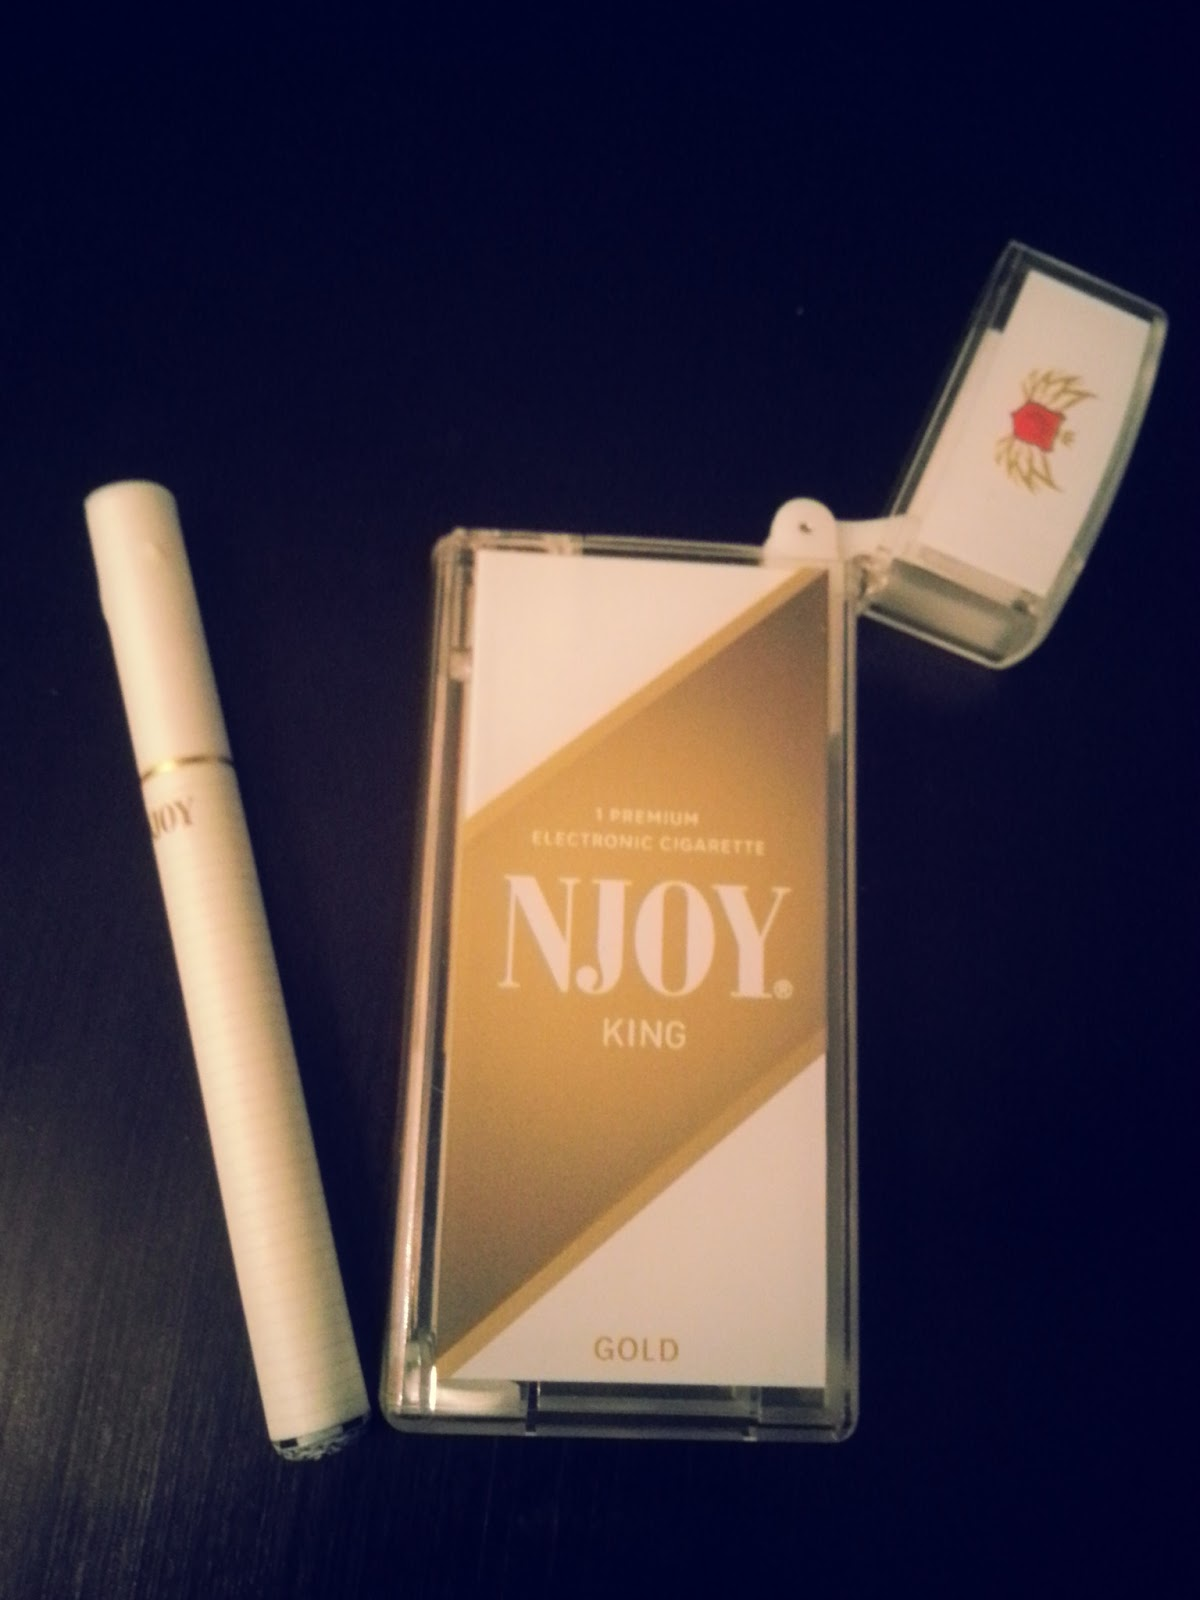 e cigarettes brantford ontario